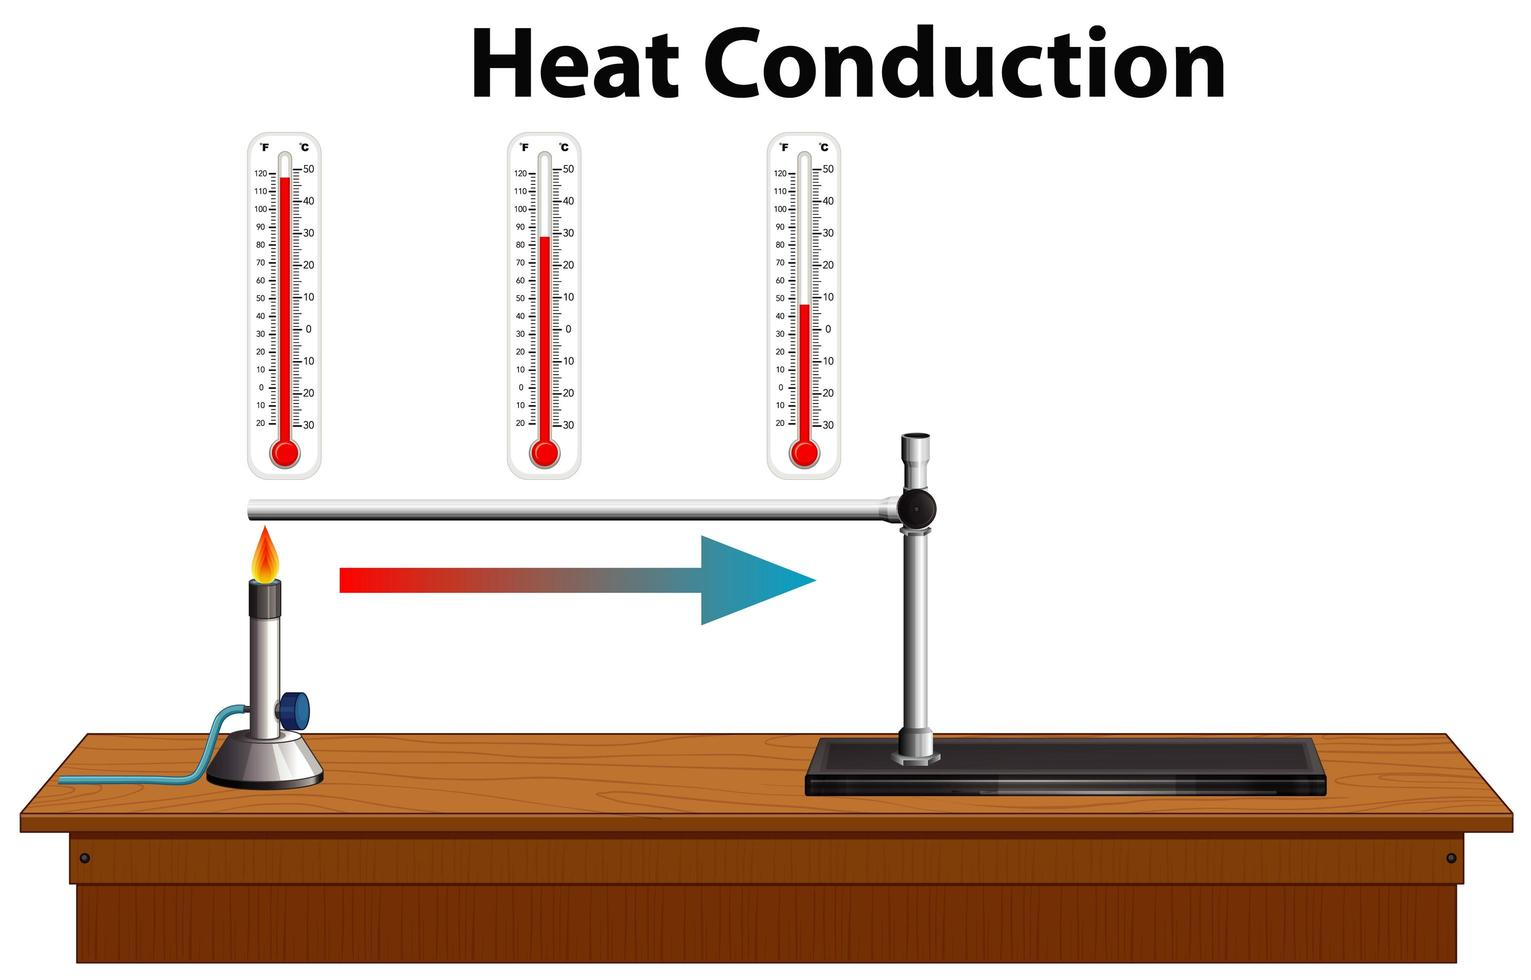 Wissenschaft Wärmeleitungsdiagramm vektor